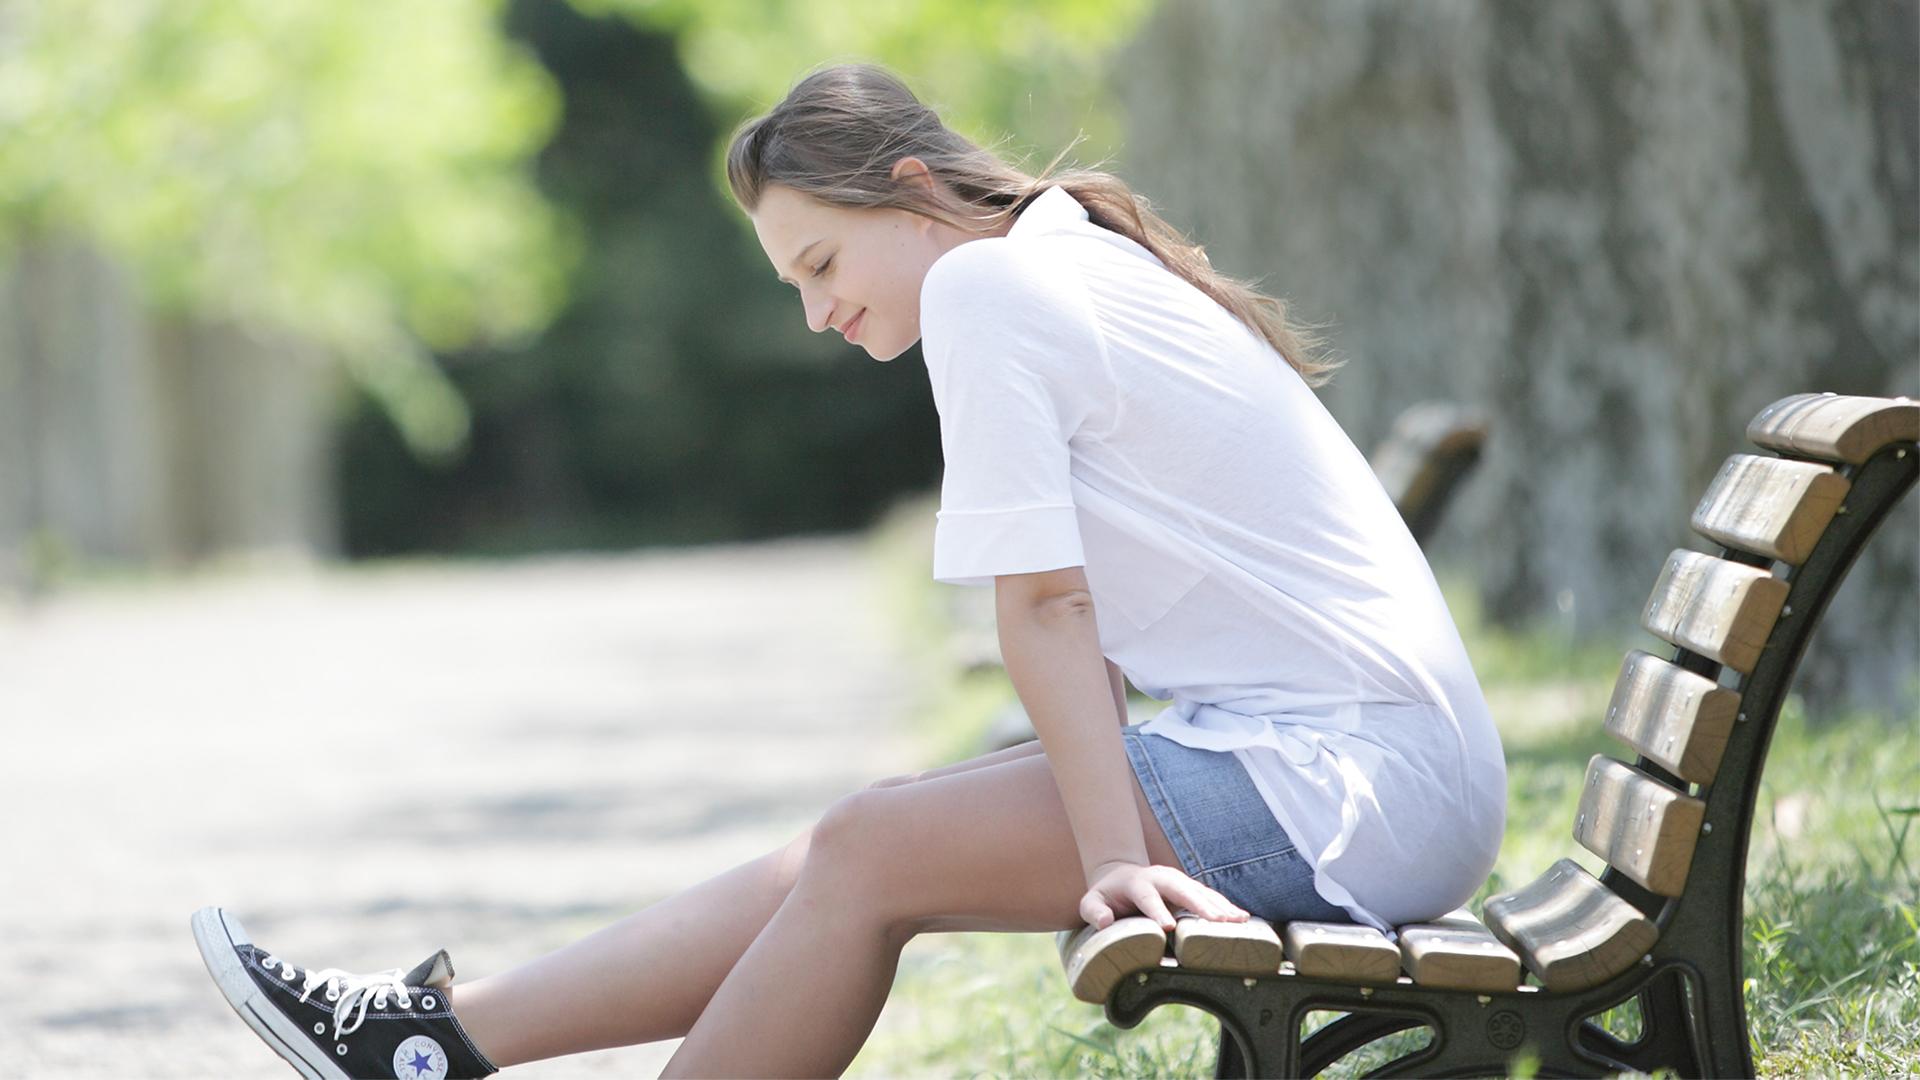 ベンチにすわっている女性